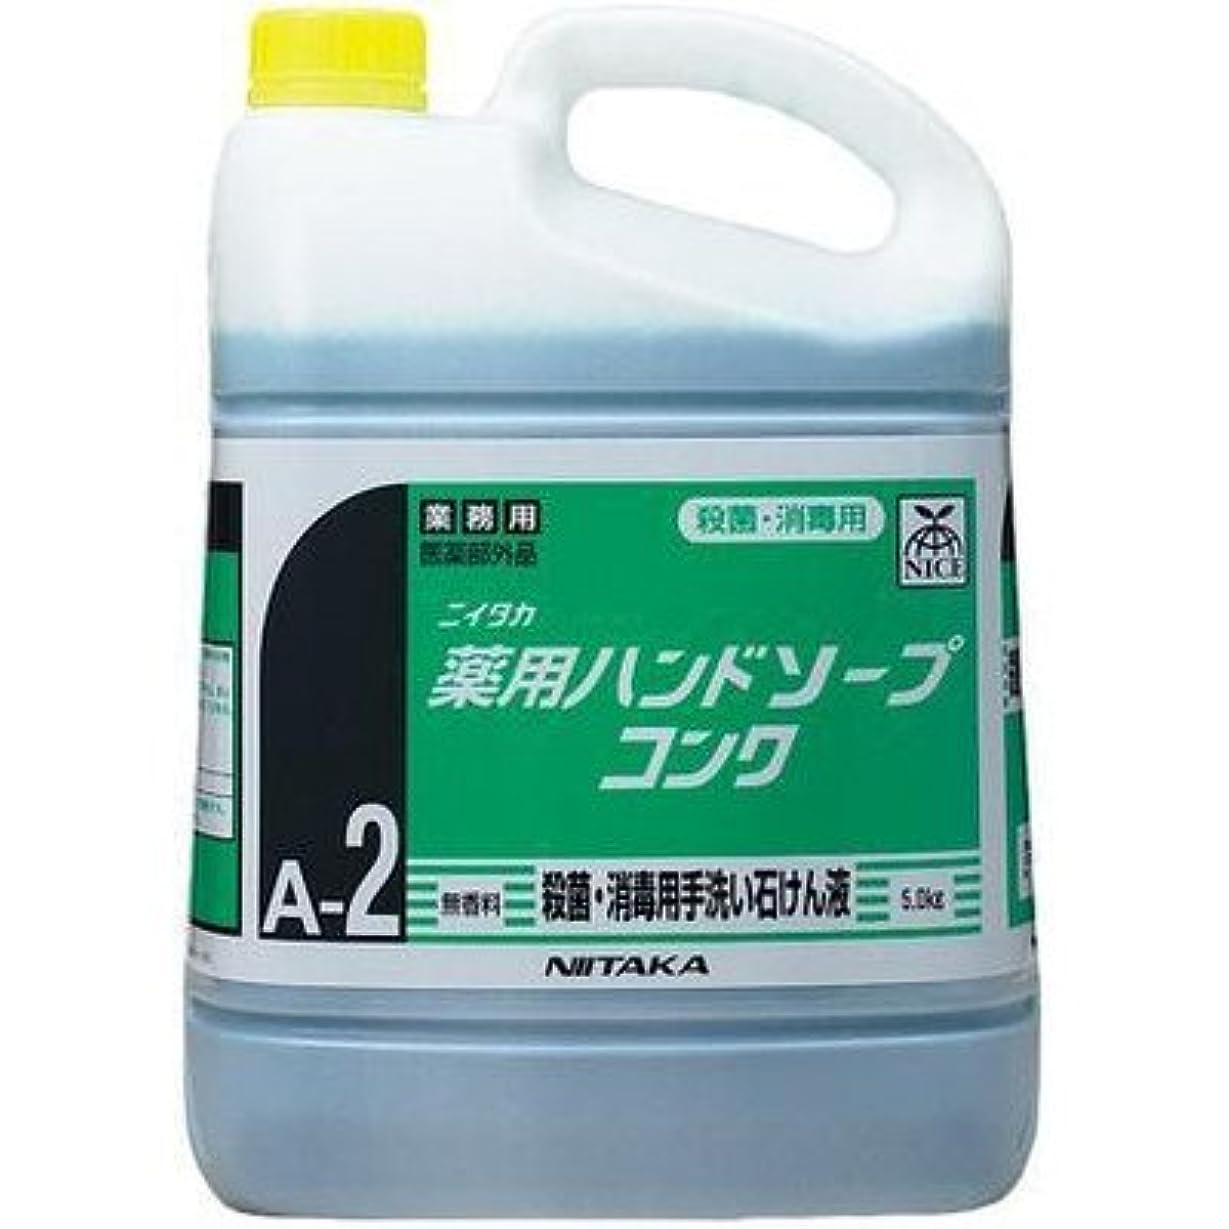 極貧レザープロペラニイタカ 業務用手洗い石けん液 薬用ハンドソープコンク(A-2) 5kg×3本